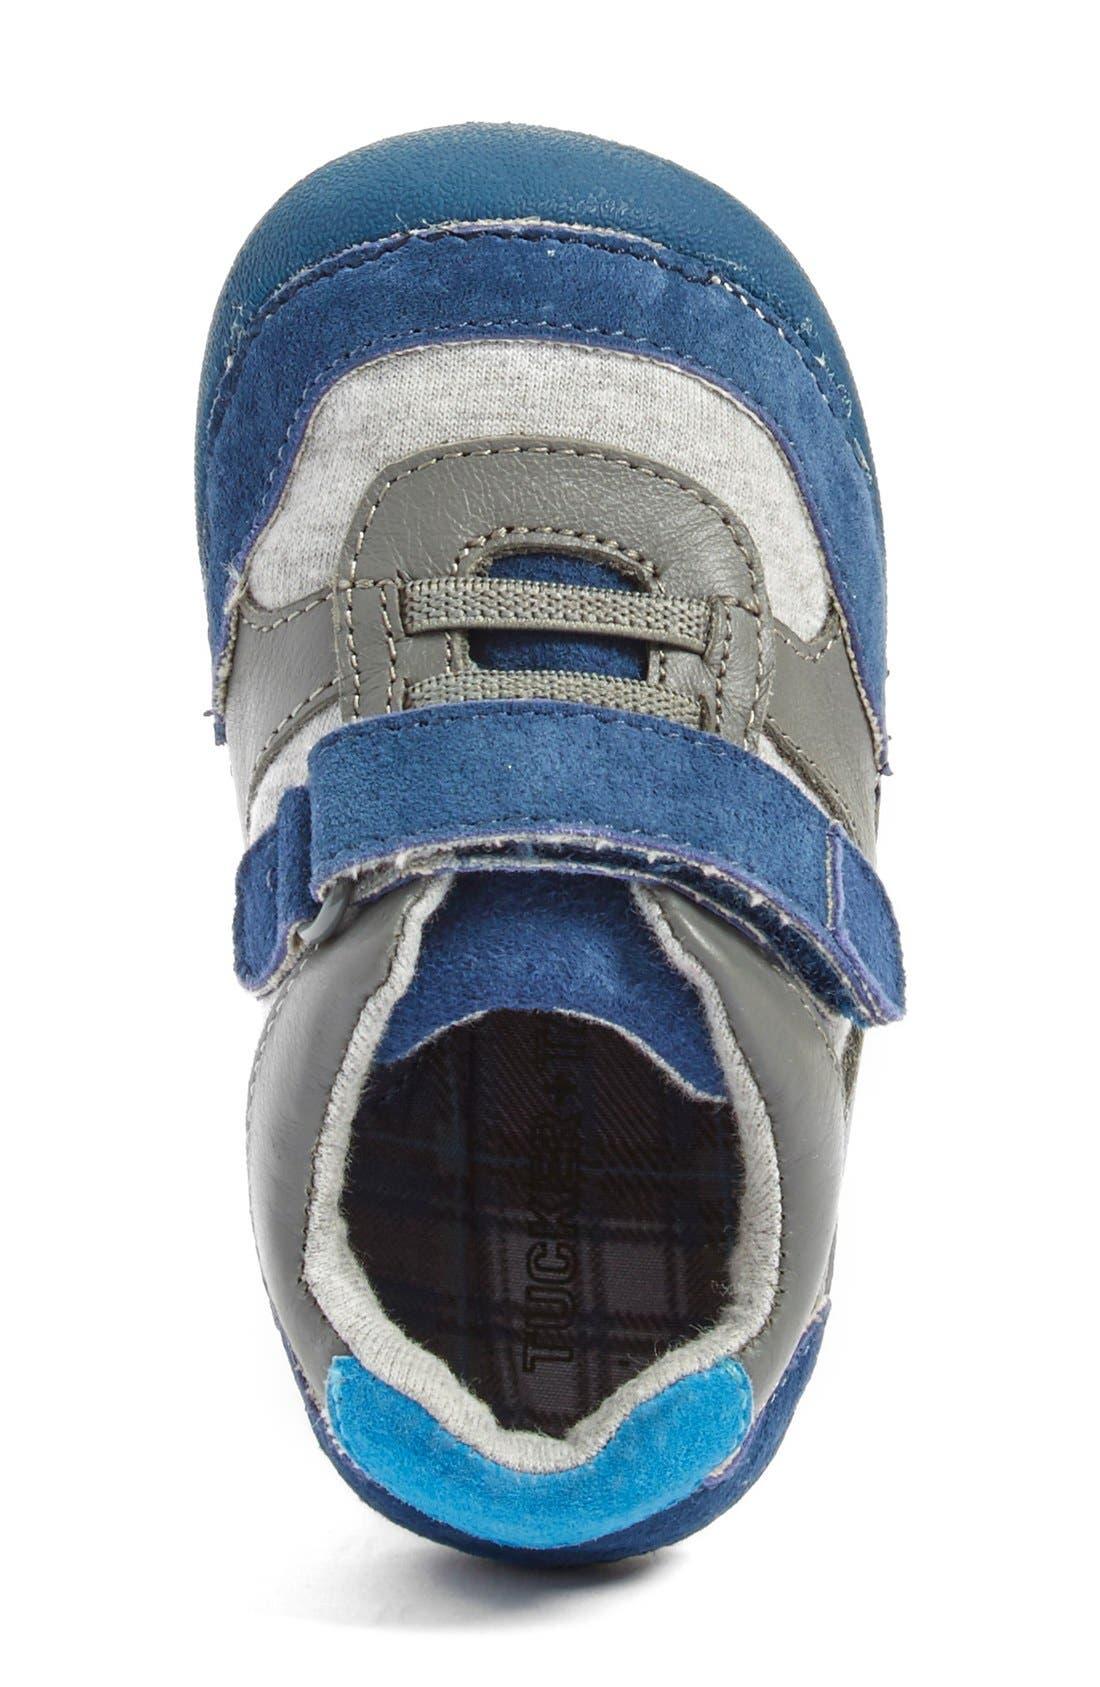 Alternate Image 3  - Tucker + Tate 'Quinn' Sneaker (Baby & Walker)